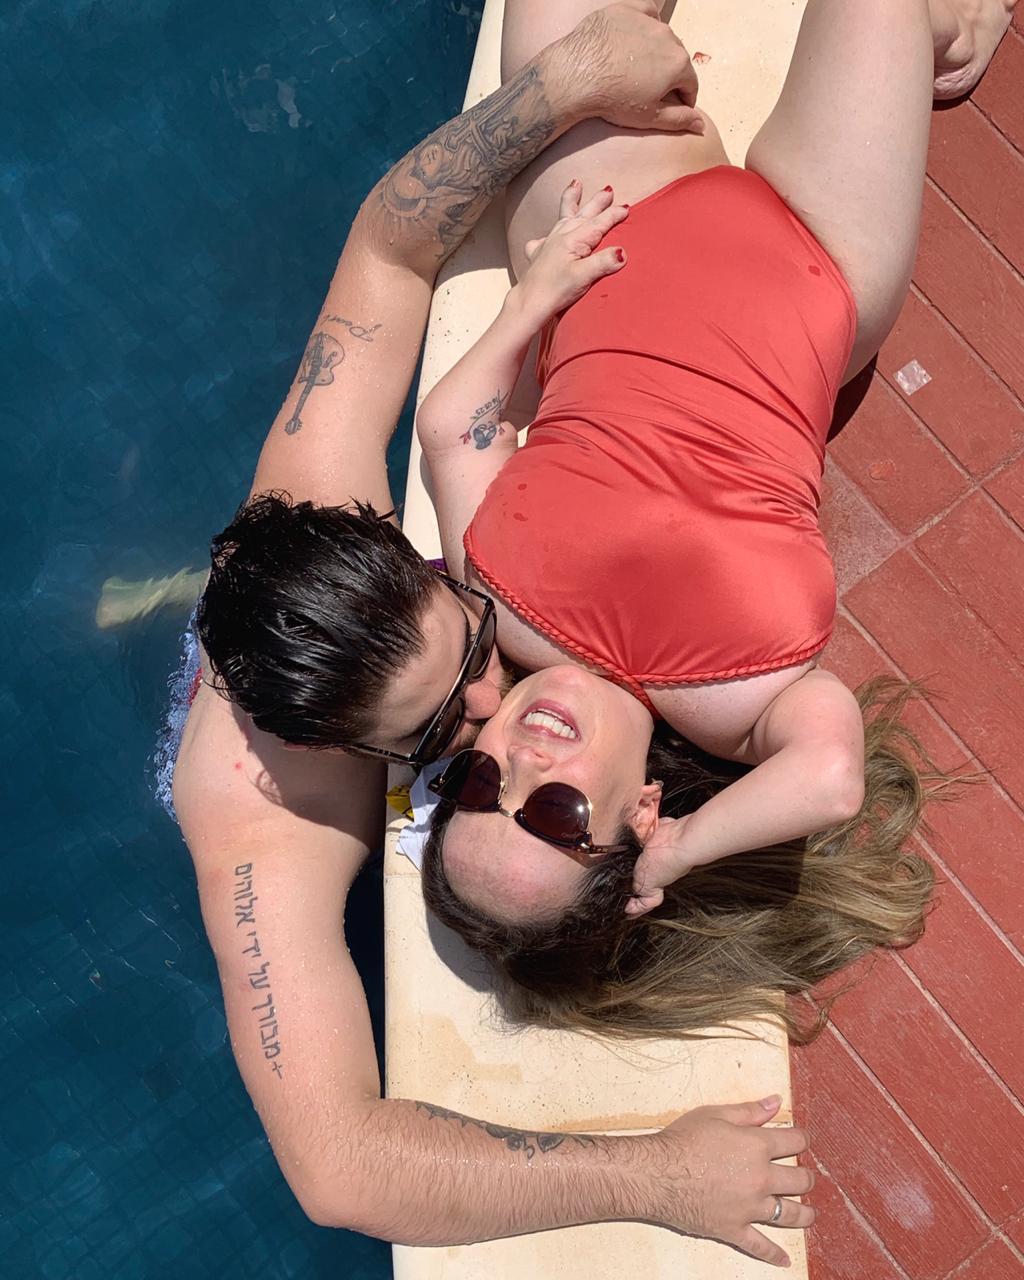 casal beira piscina